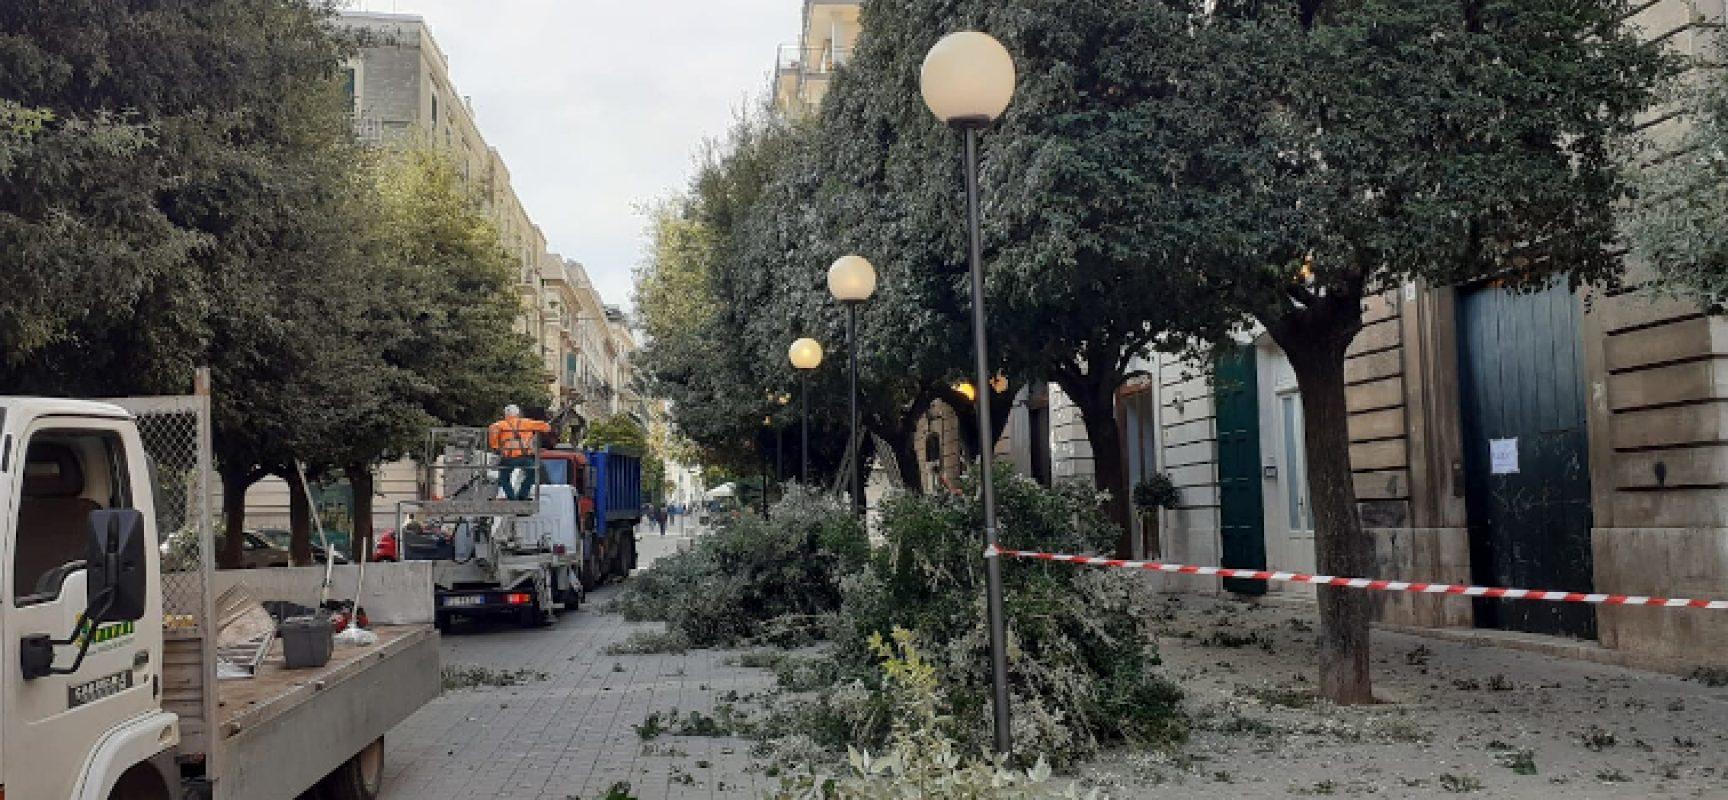 """Interventi di potatura alberi in tutta la città, Natale Parisi: """"Si proseguirà sino a marzo"""""""